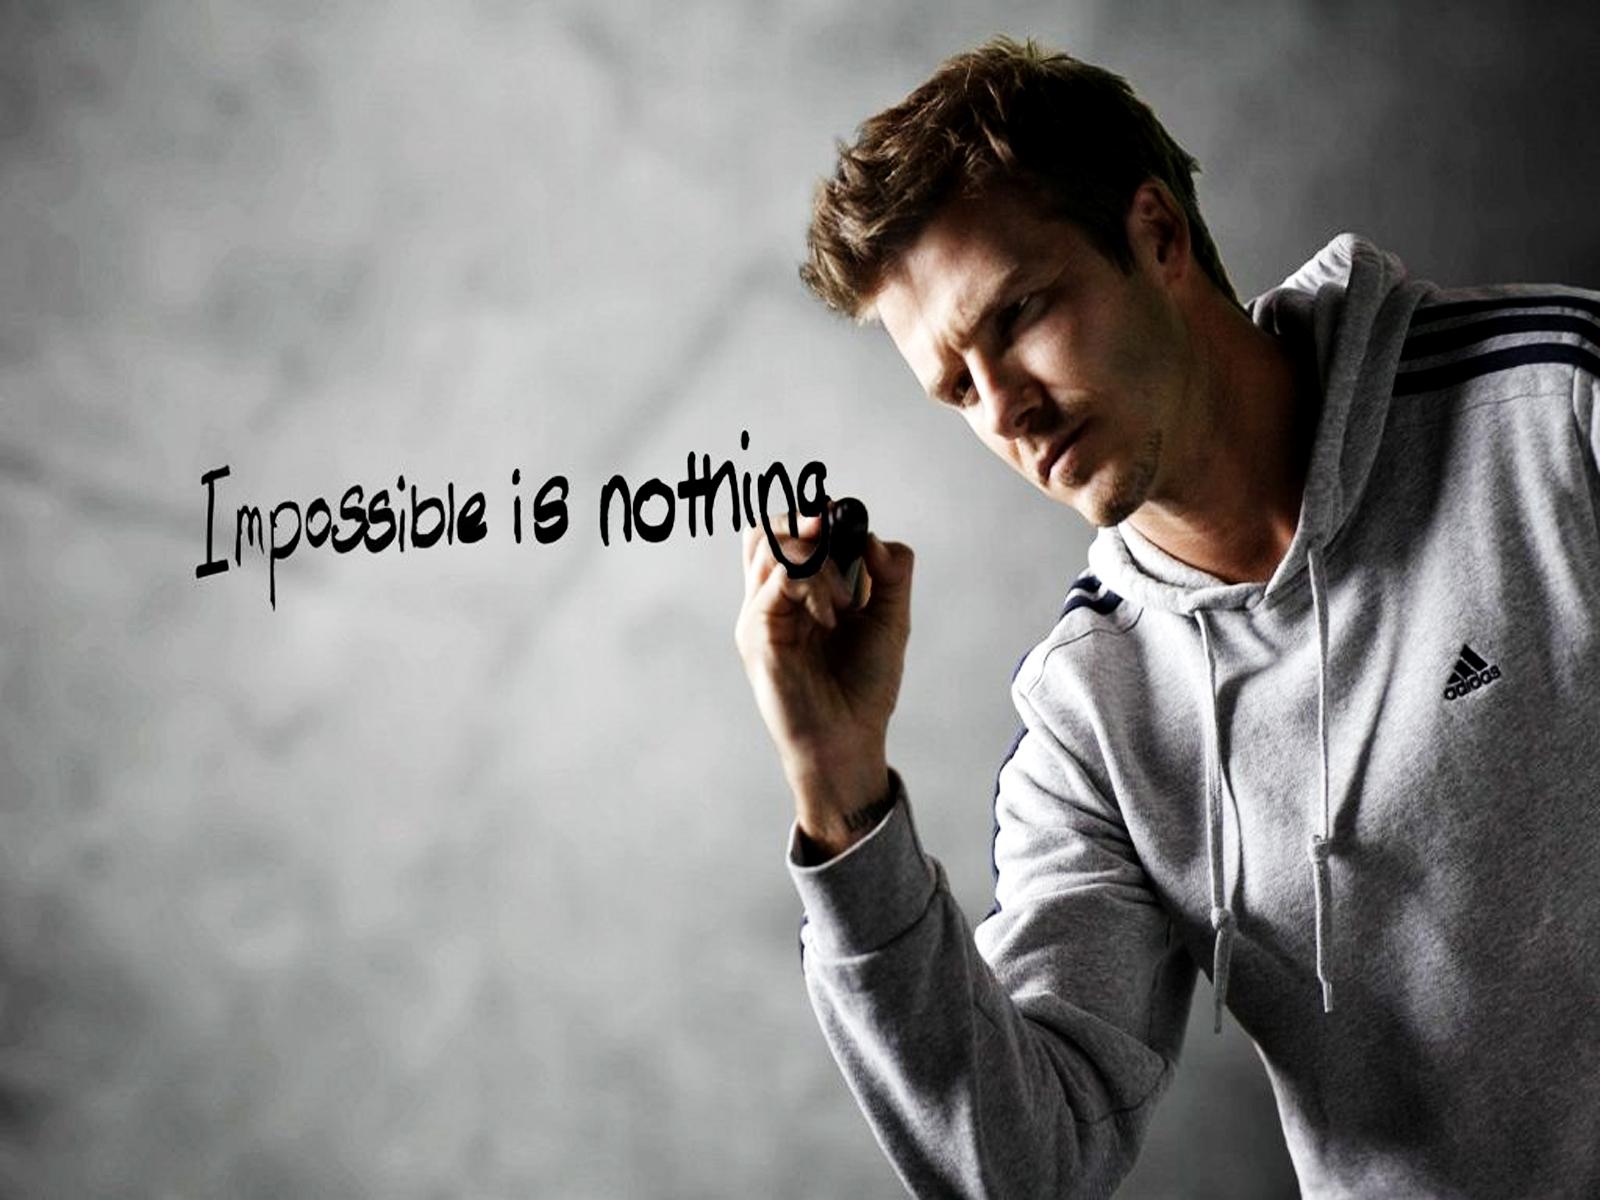 http://2.bp.blogspot.com/-BxcTq7rNEYw/Ttt7q-RIadI/AAAAAAAAEv4/cV03fDLCqaM/s1600/David_Backham_Impossible_is_Nothing_HD_Wallpaper-Vvallpaper.Net.jpg